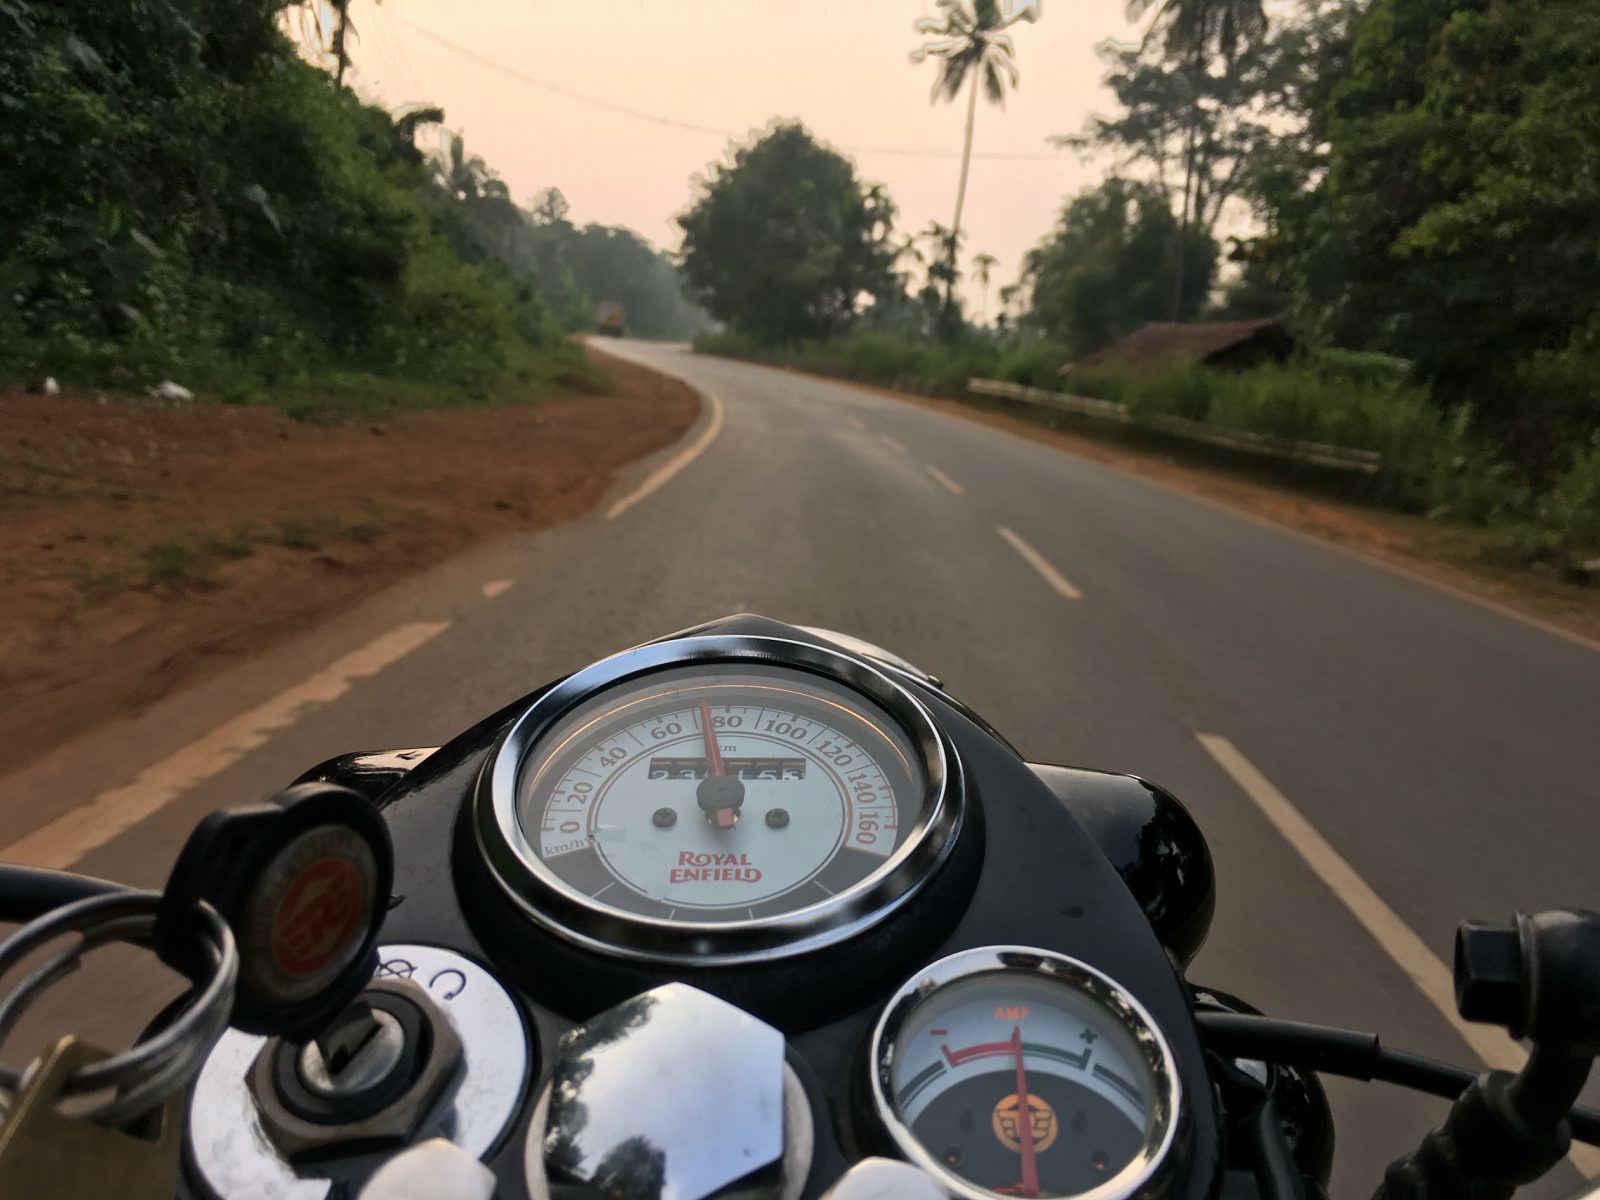 International motorcycle tours